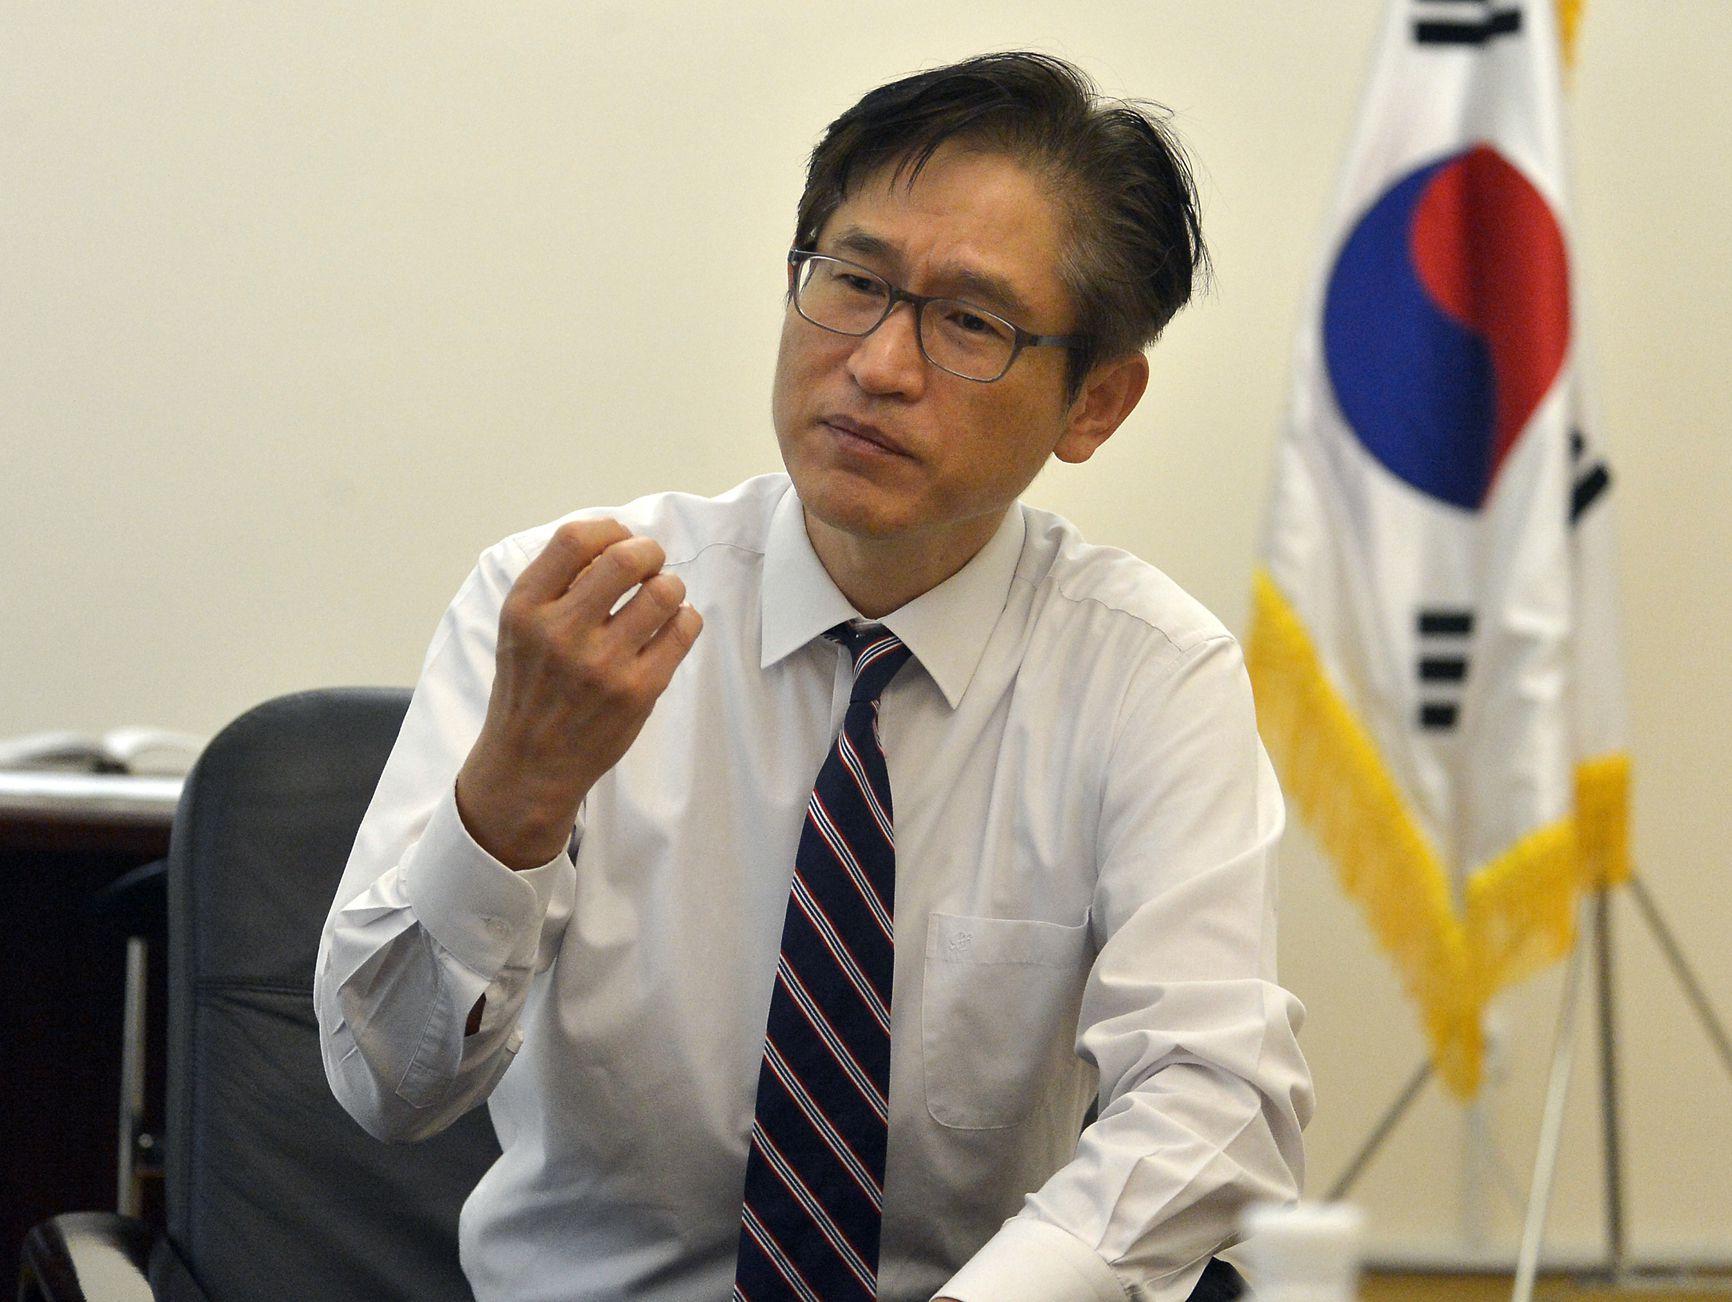 Ки-чан Квон: «Корейцы никогда  по-настоящему не ассимилировались, потому что у нас всегда был свой язык, отличавший и объединявший нас»